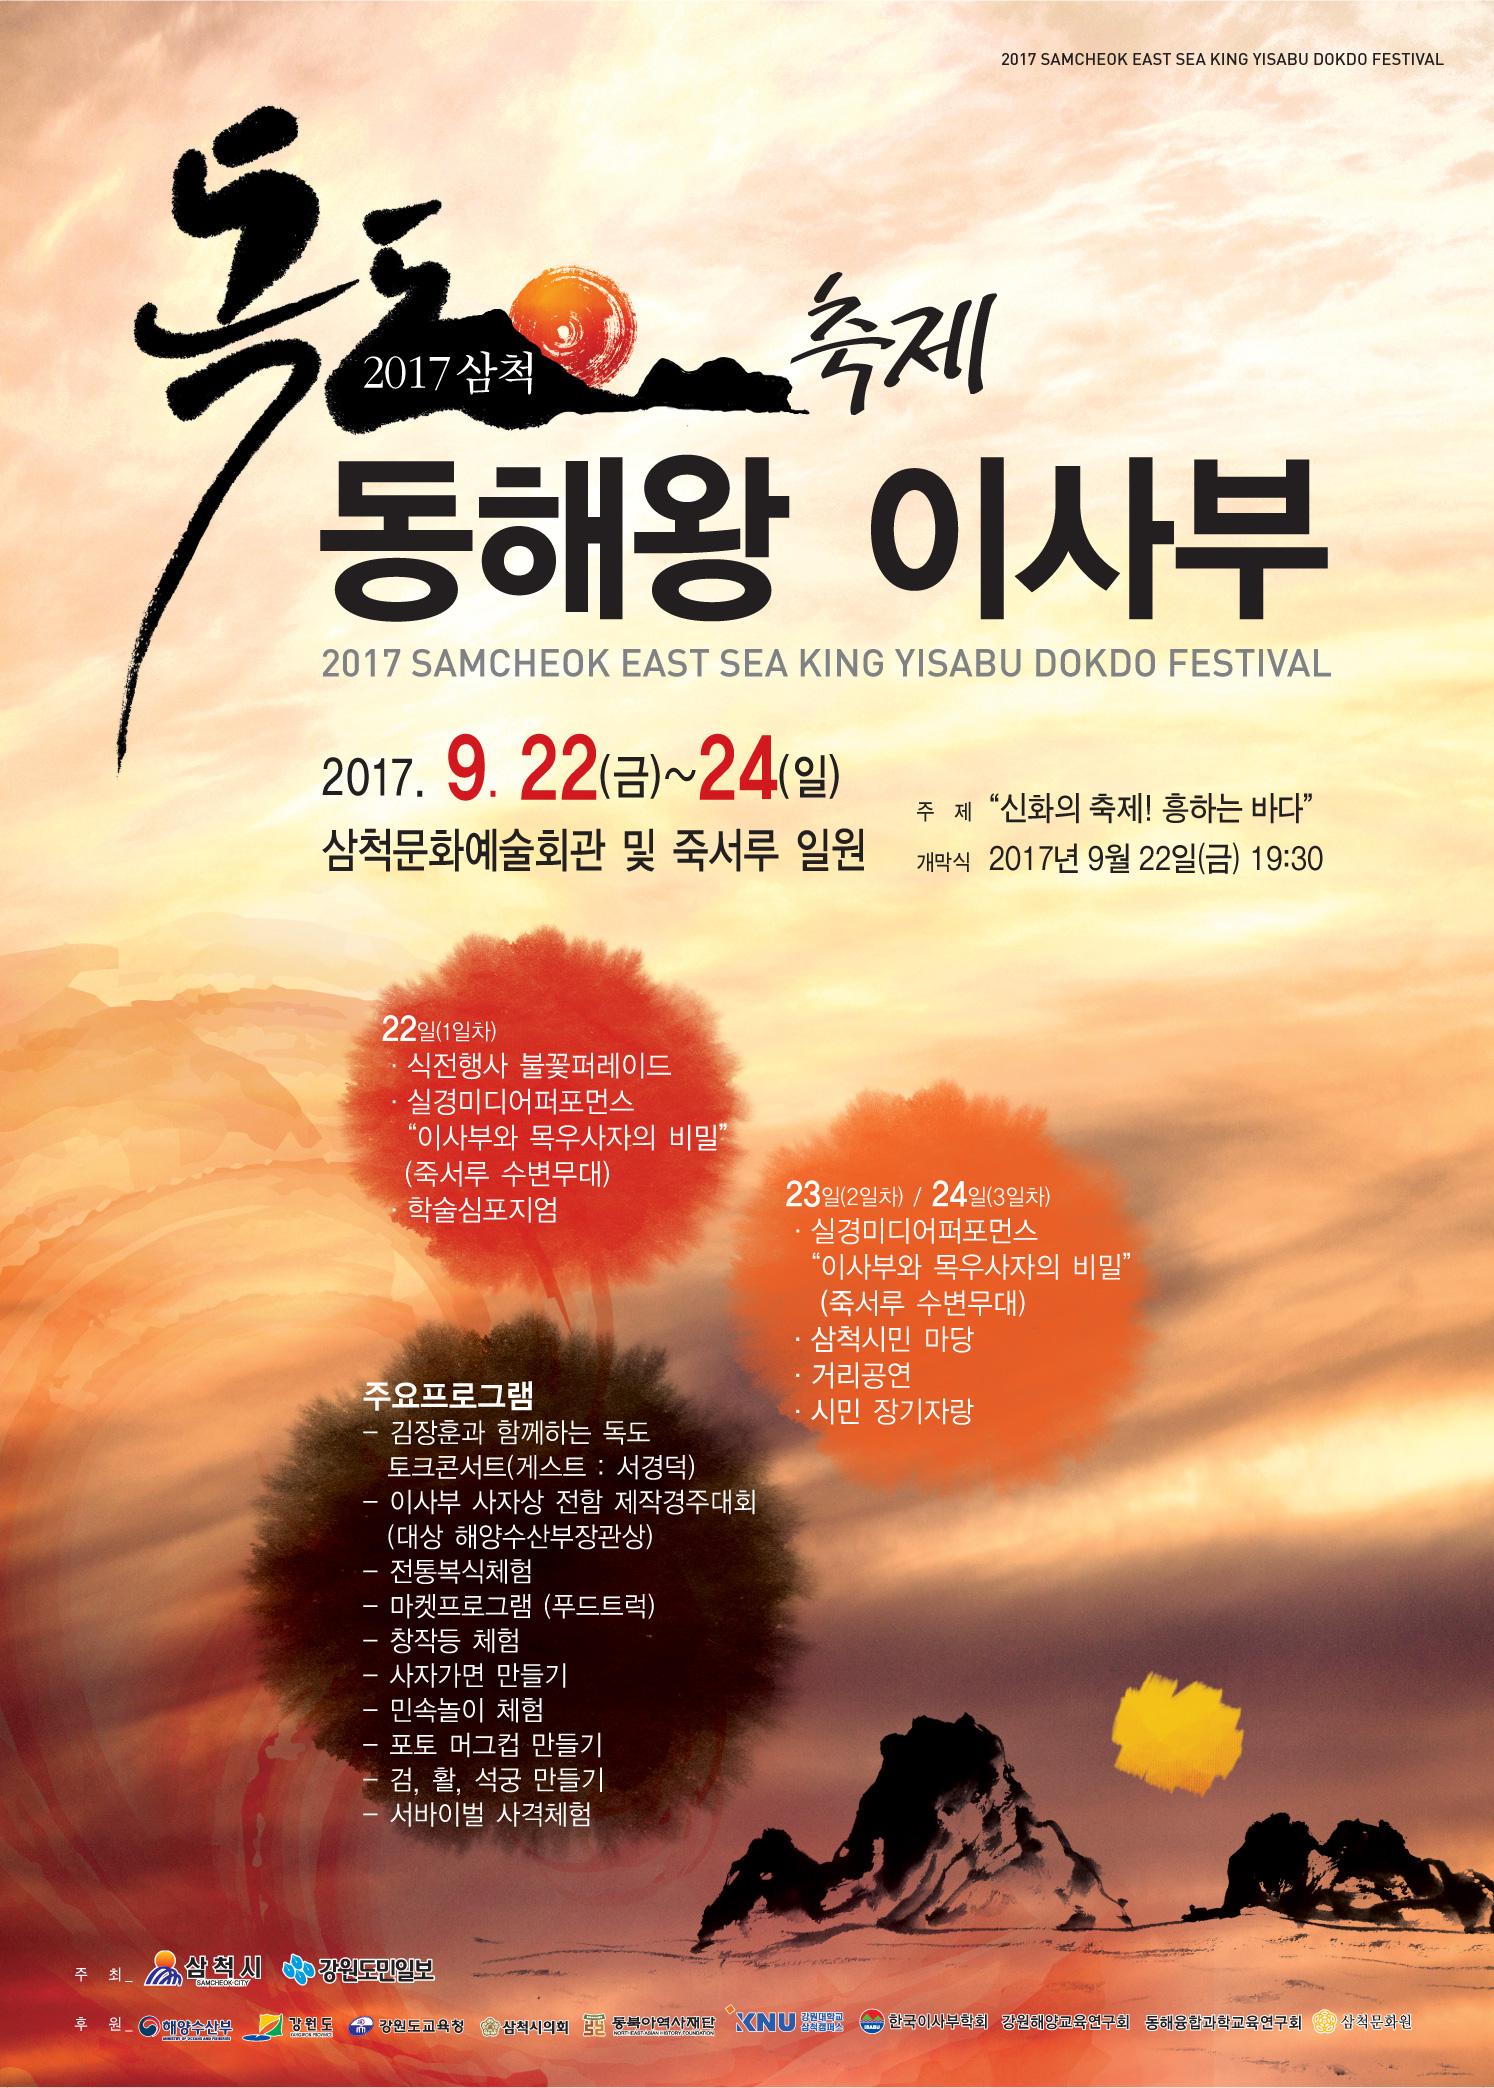 2017-이사부-포스터-4절_2종2.jpg